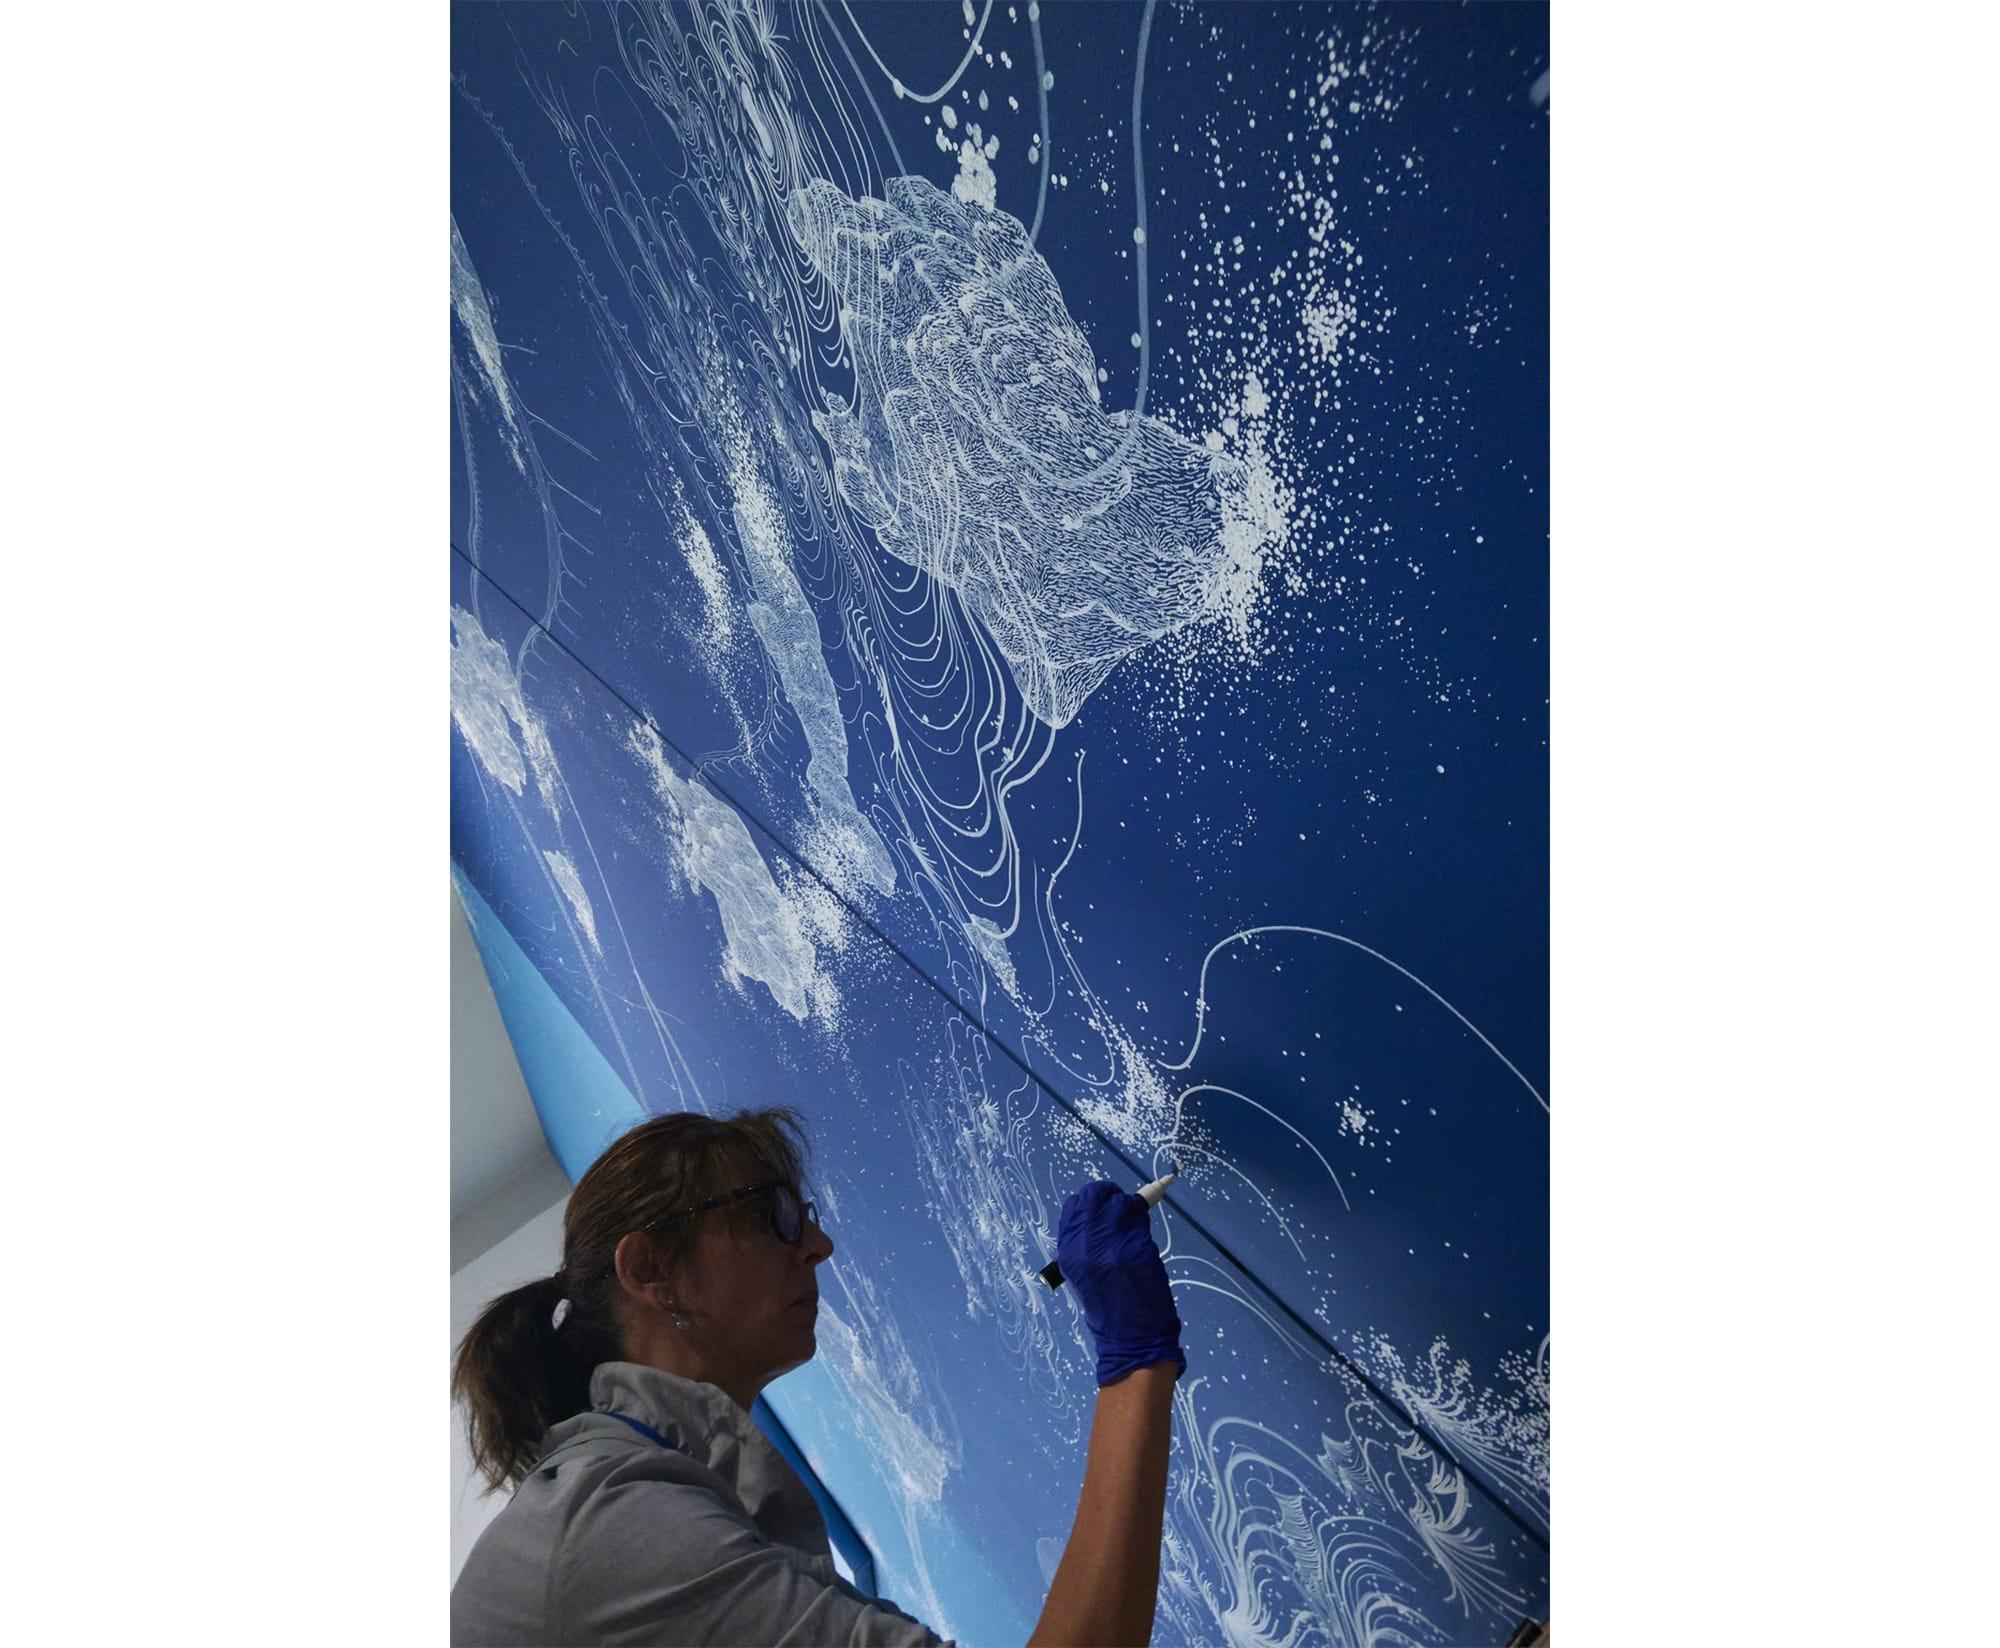 繊細なラインでモチーフを描き続けるシント。 制作風景/ Sandra Cinto at work ©Nacása & Partners Inc. / Courtesy of Fondation d'entreprise Hermès